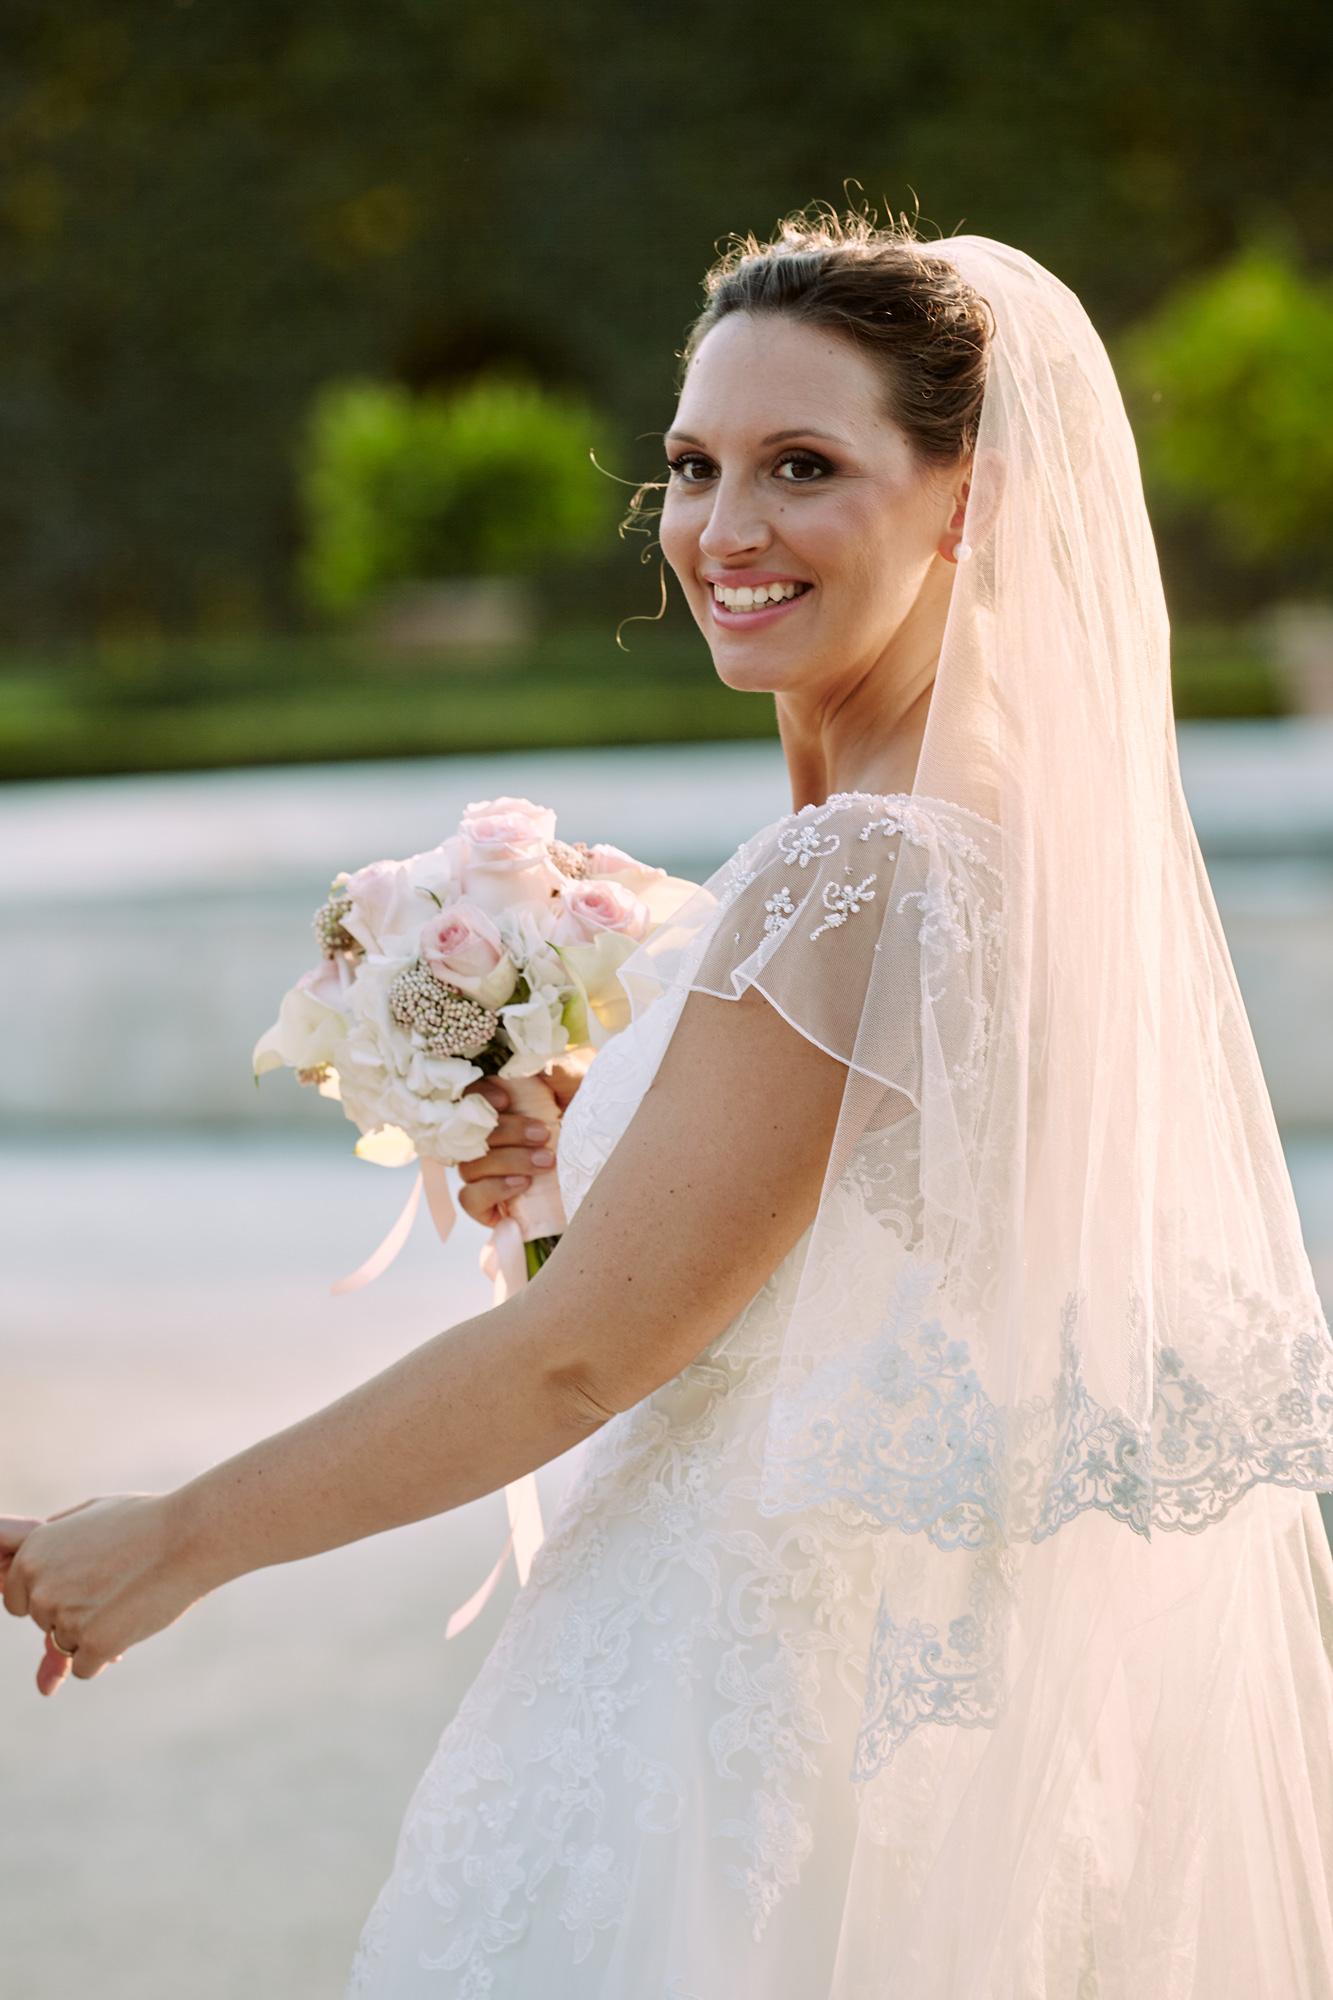 25-ivano_di_maria_fotografo_matrimonio_ aless_aless